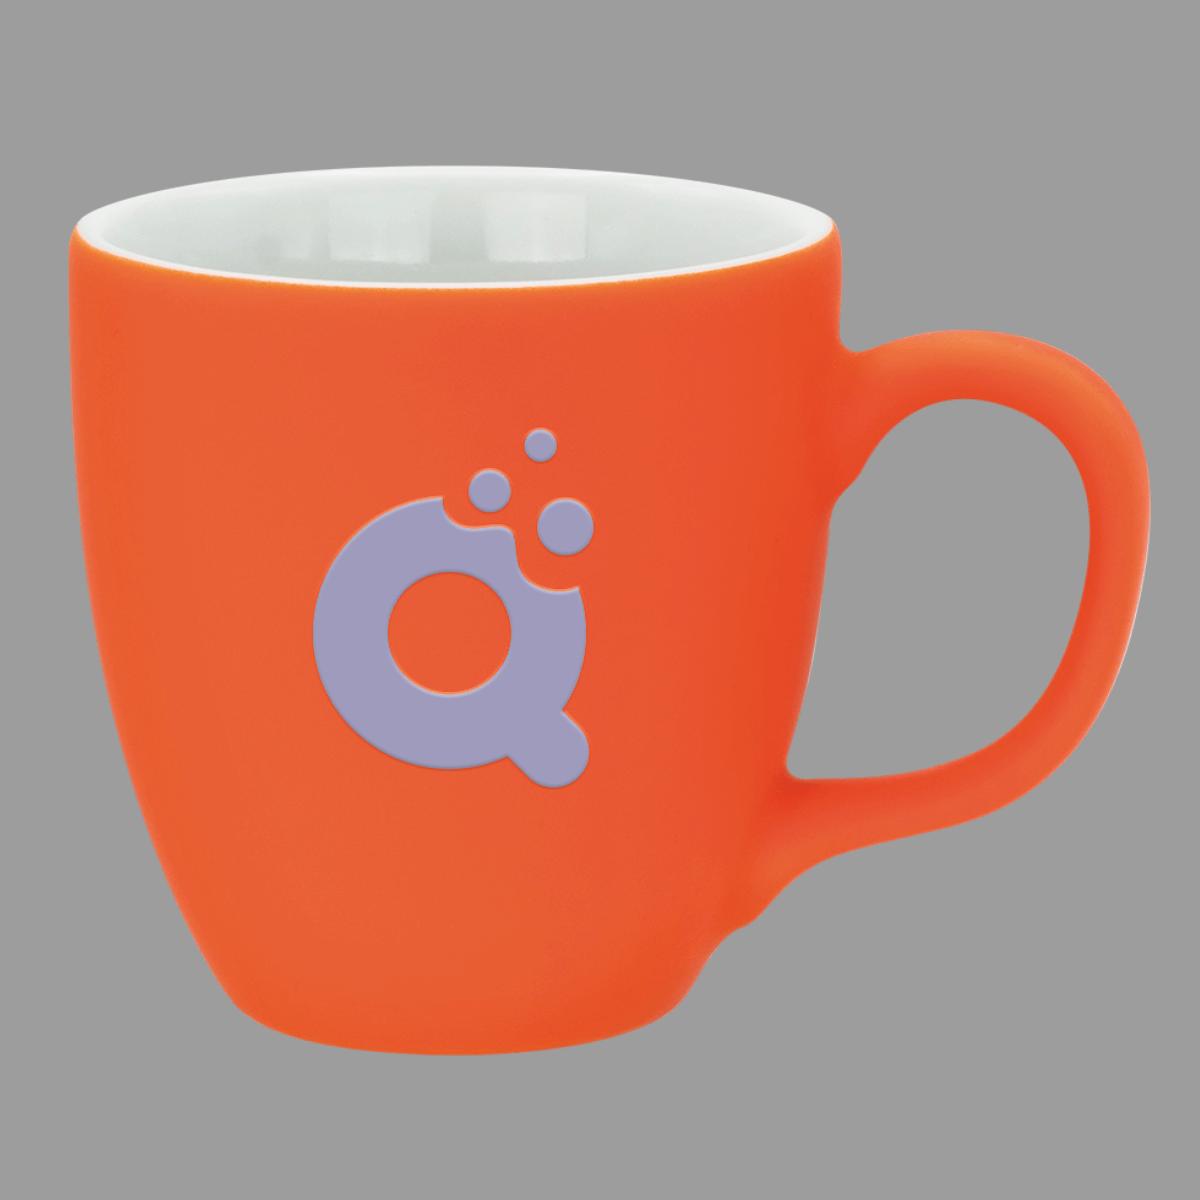 Softtouch_Q orange